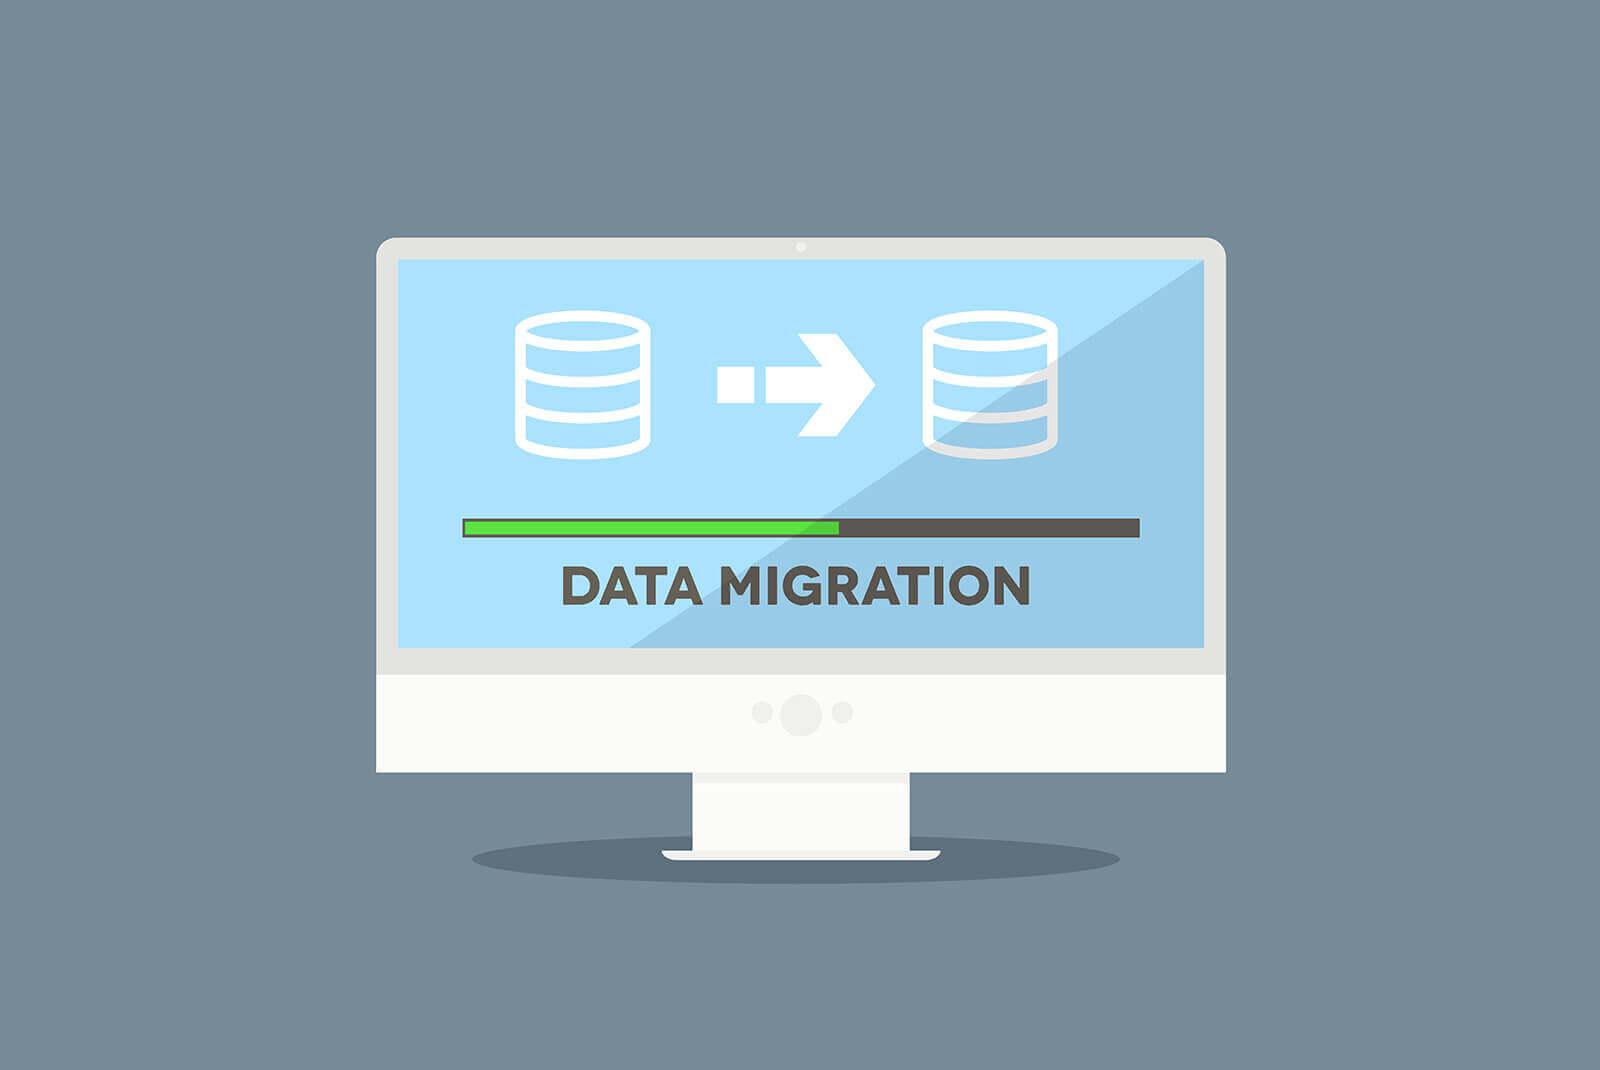 Migrate data